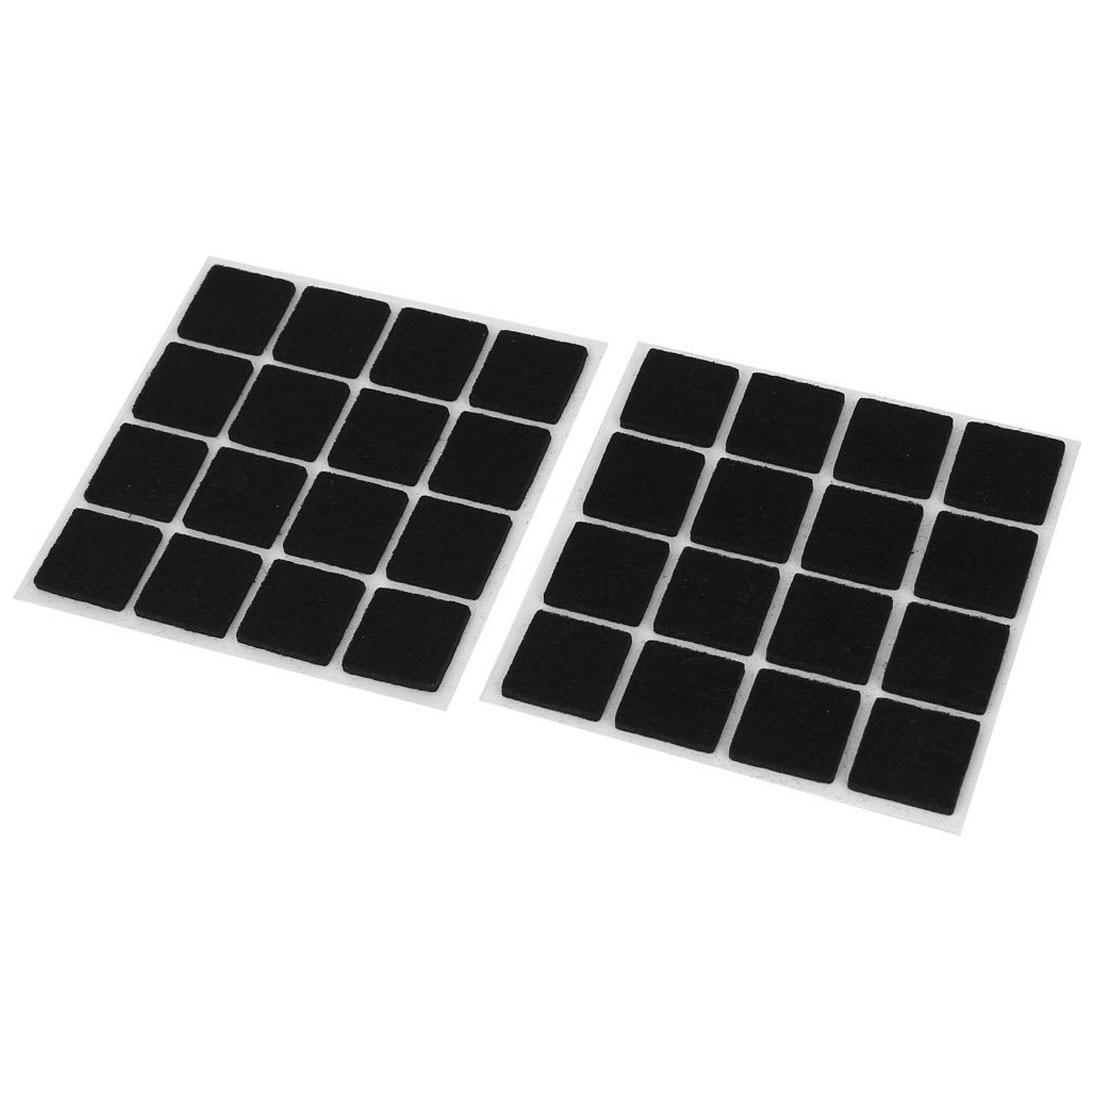 GSFY-самоклеящиеся защита для пола фетр для мебели квадратные колодки 32 шт.